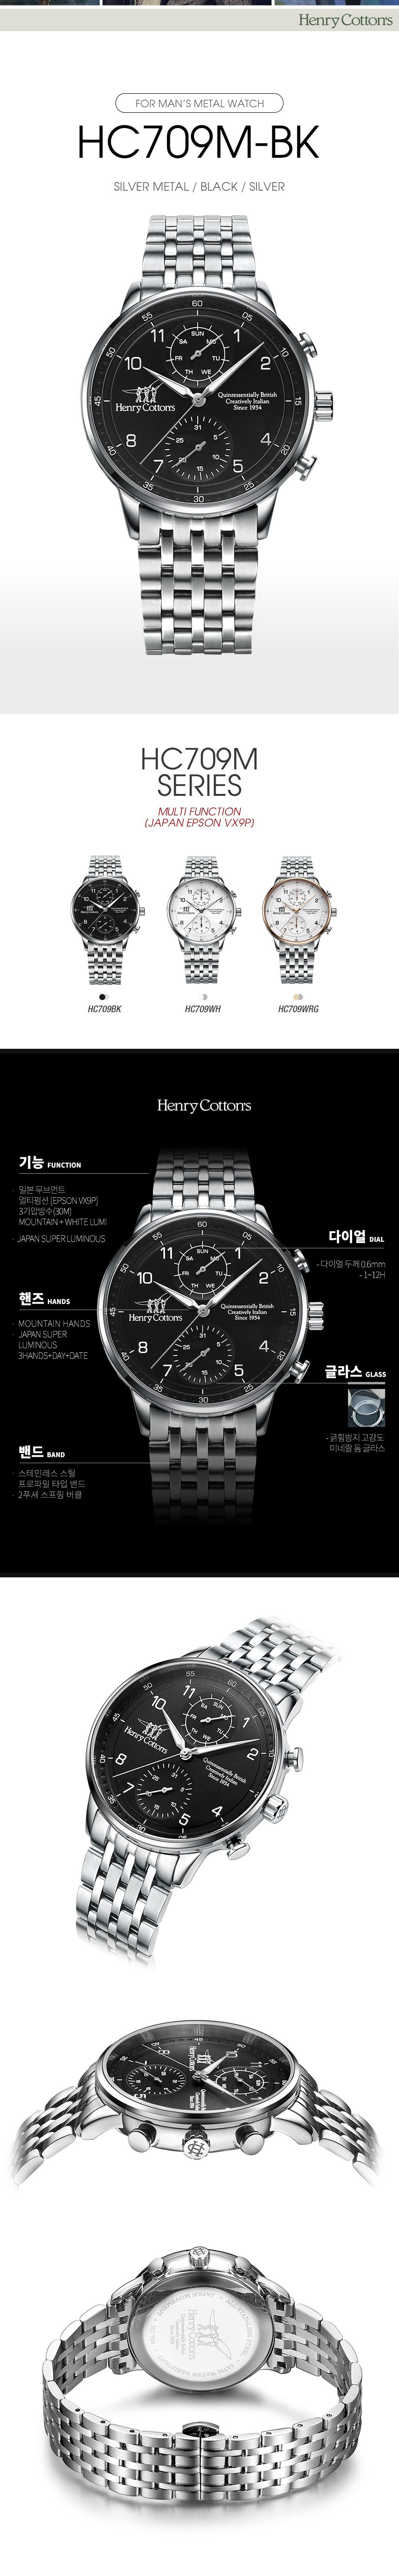 헨리코튼(HENRY COTTON'S) 남자 멀티펑션 메탈시계 HC709BK